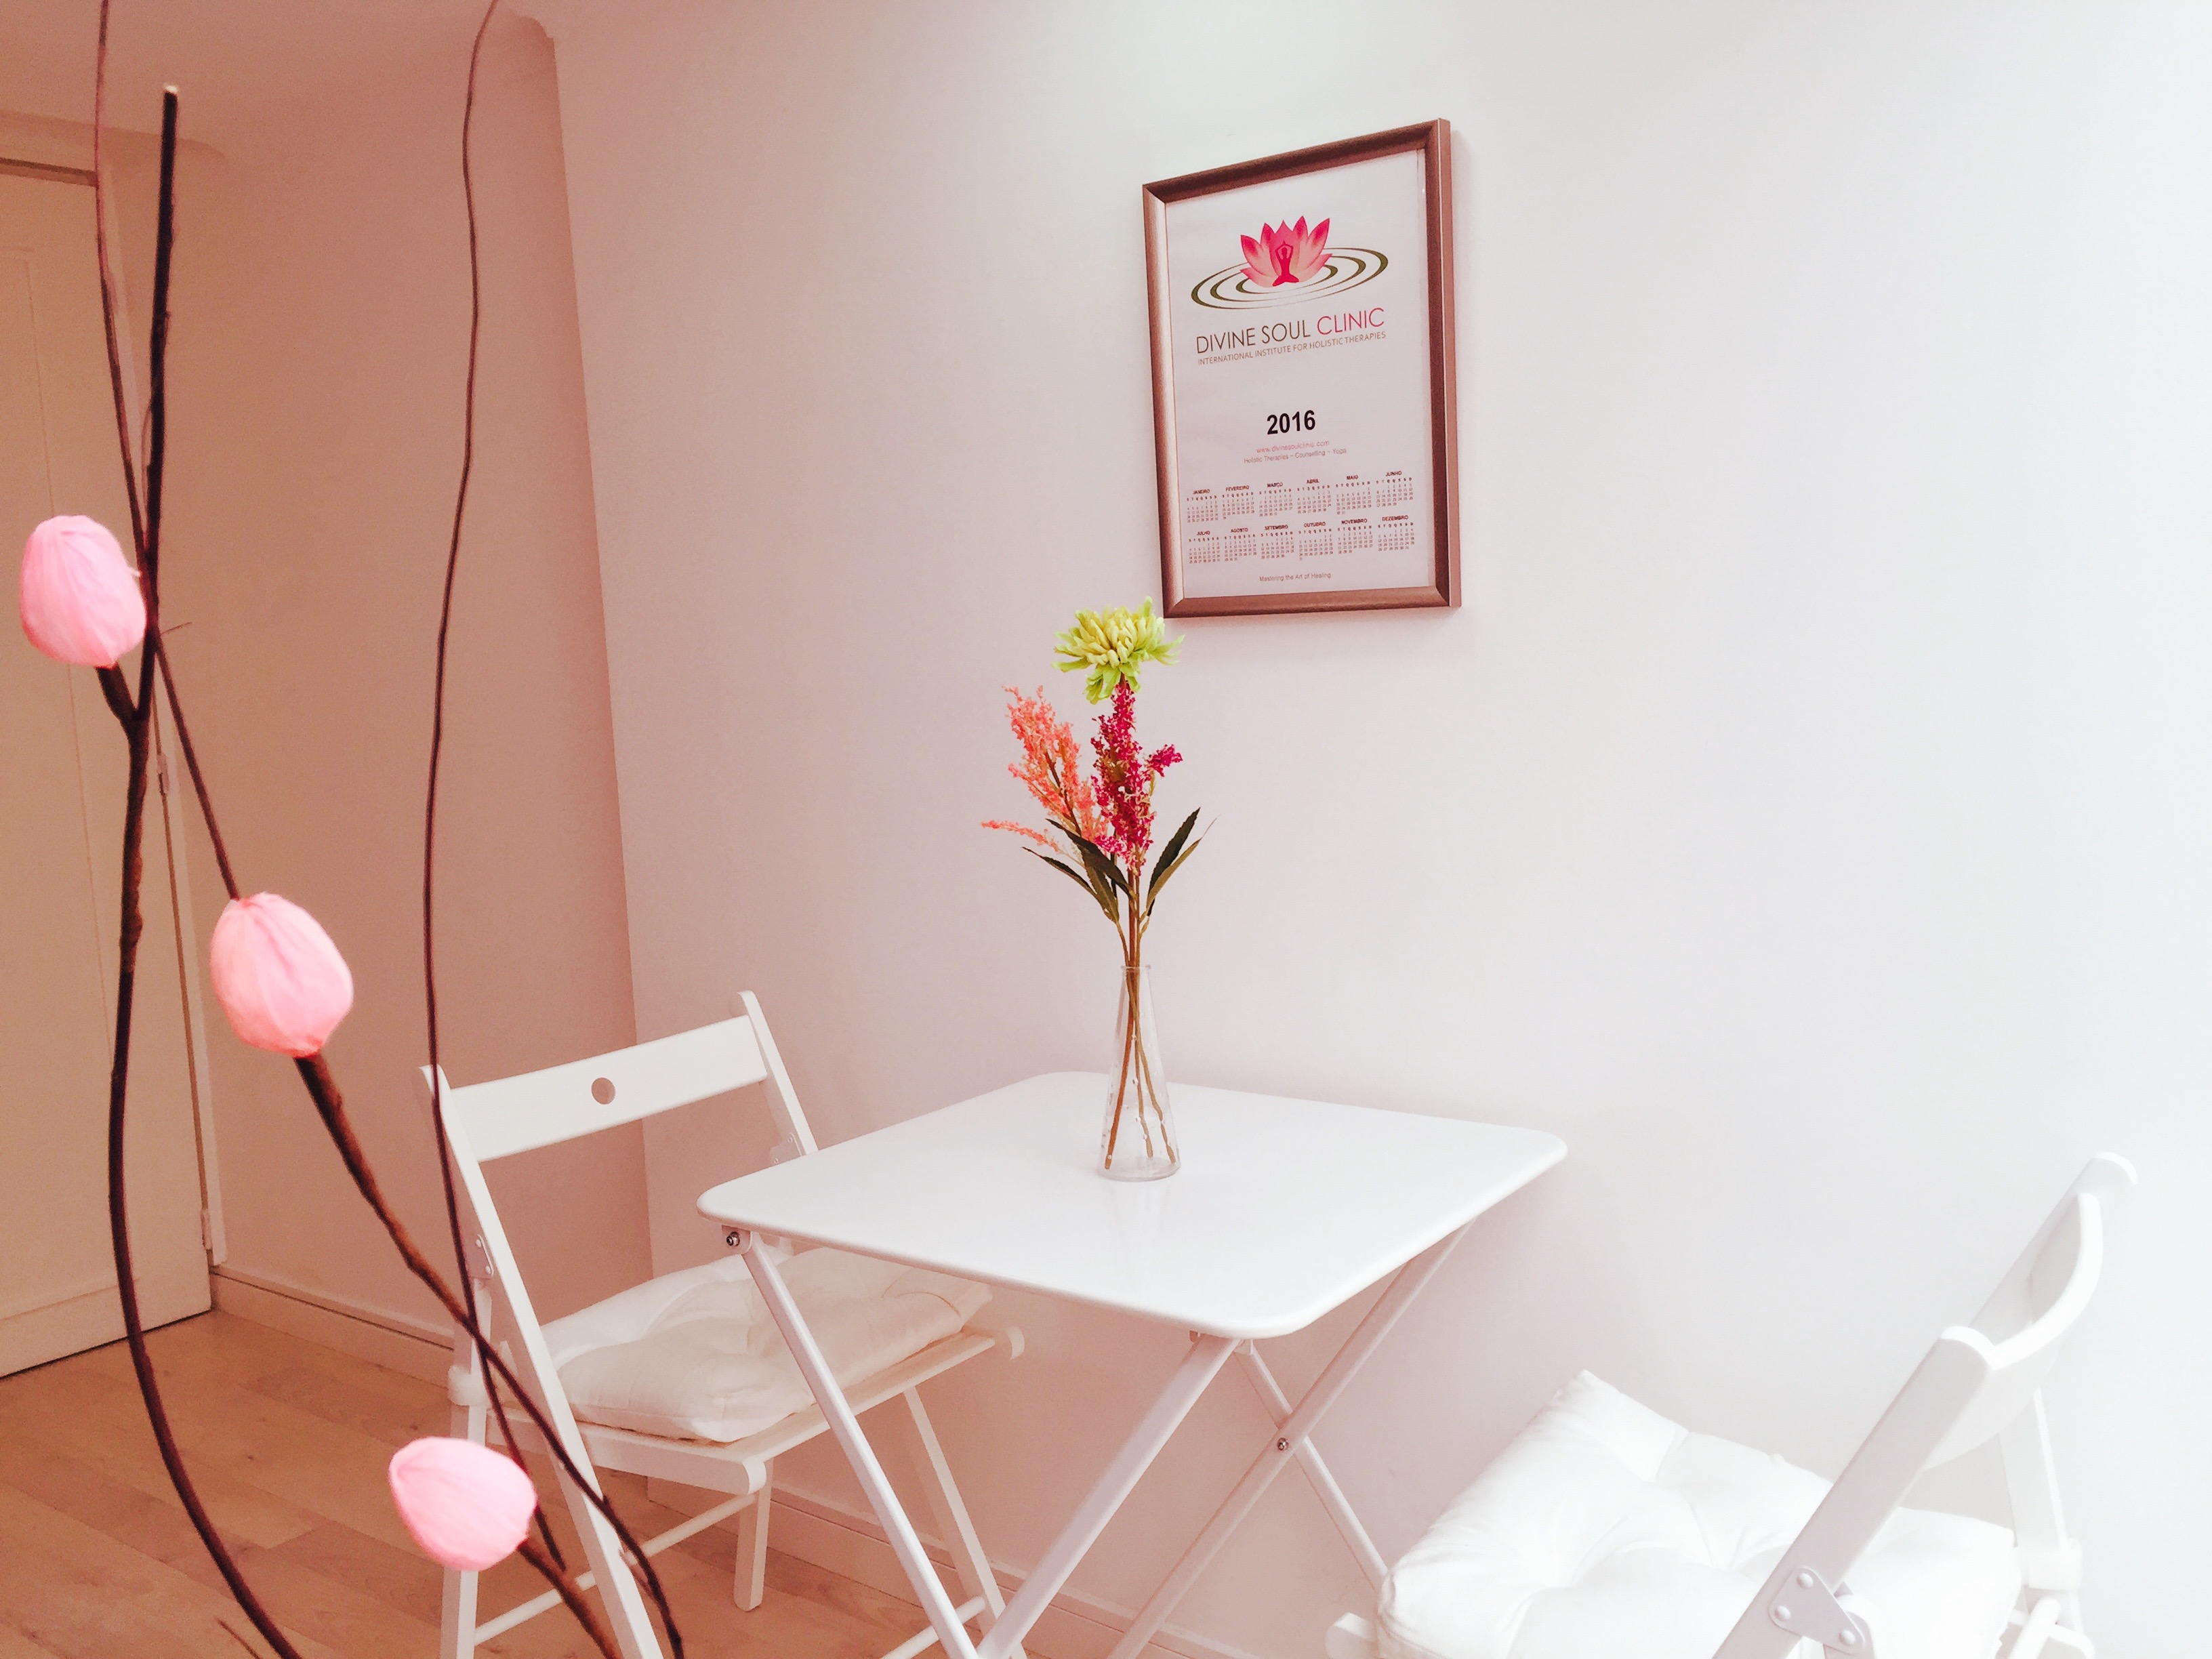 Divine Soul Clinic Cafe